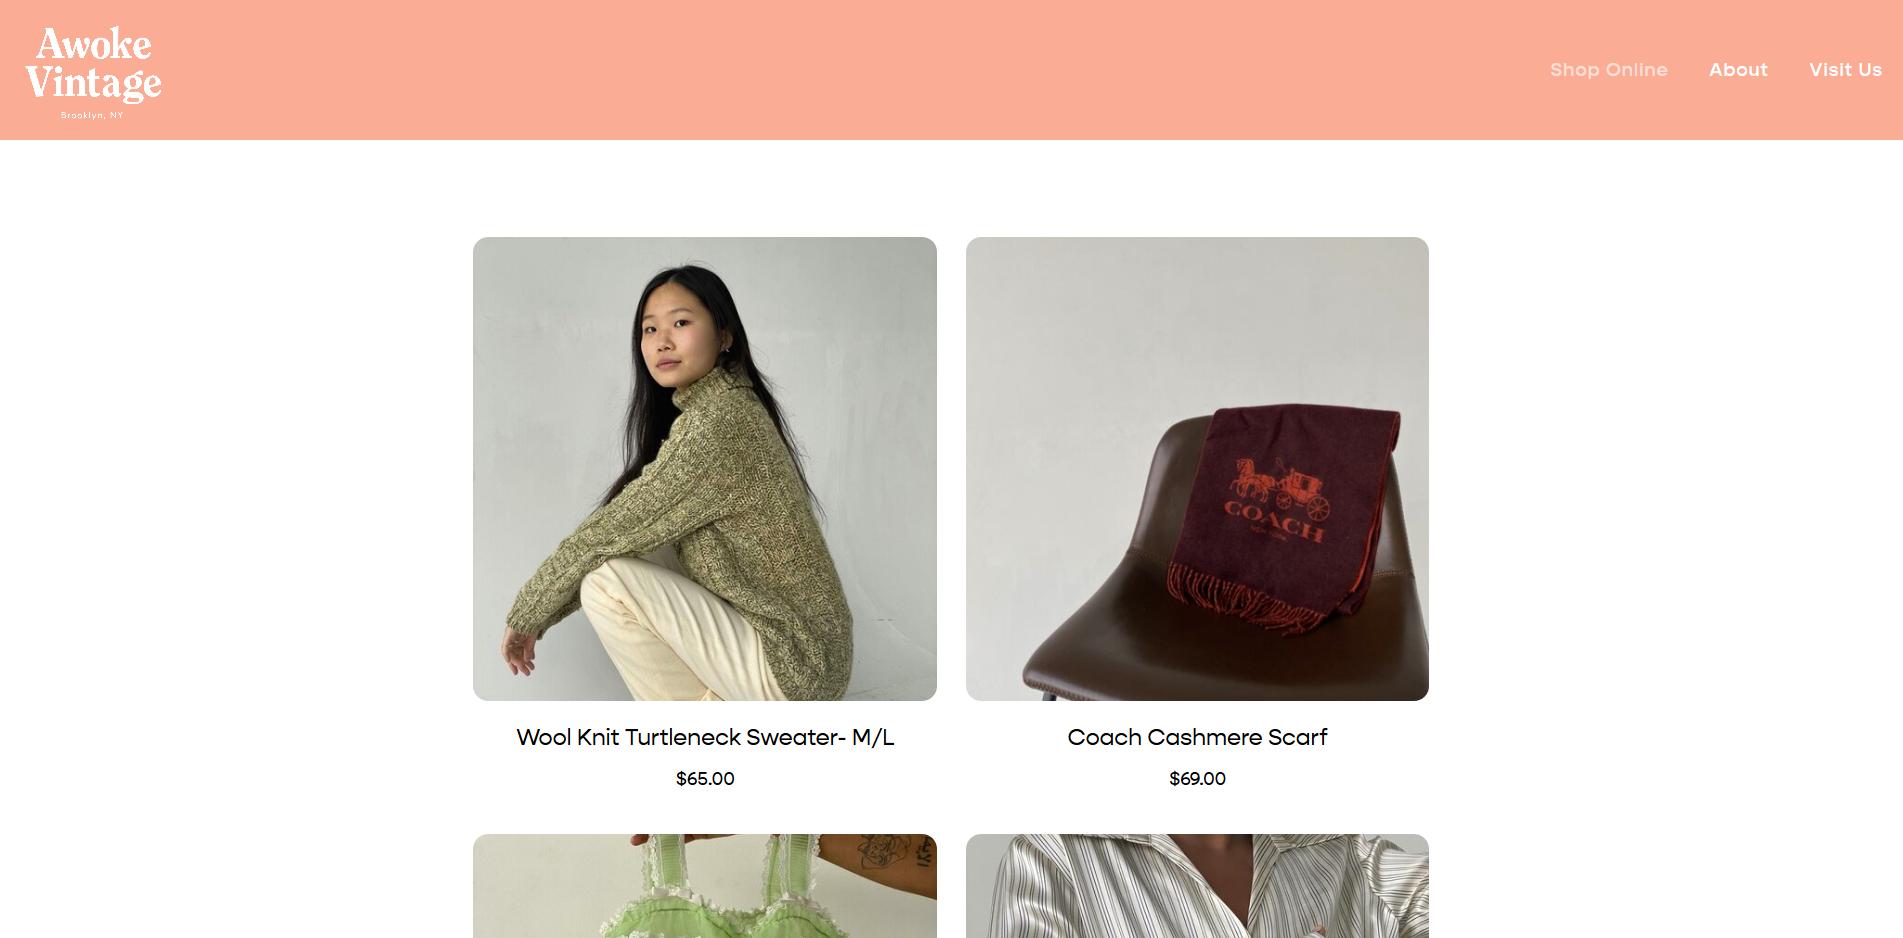 Screenshot_2021-01-05 Shop Online — Awoke Vintage